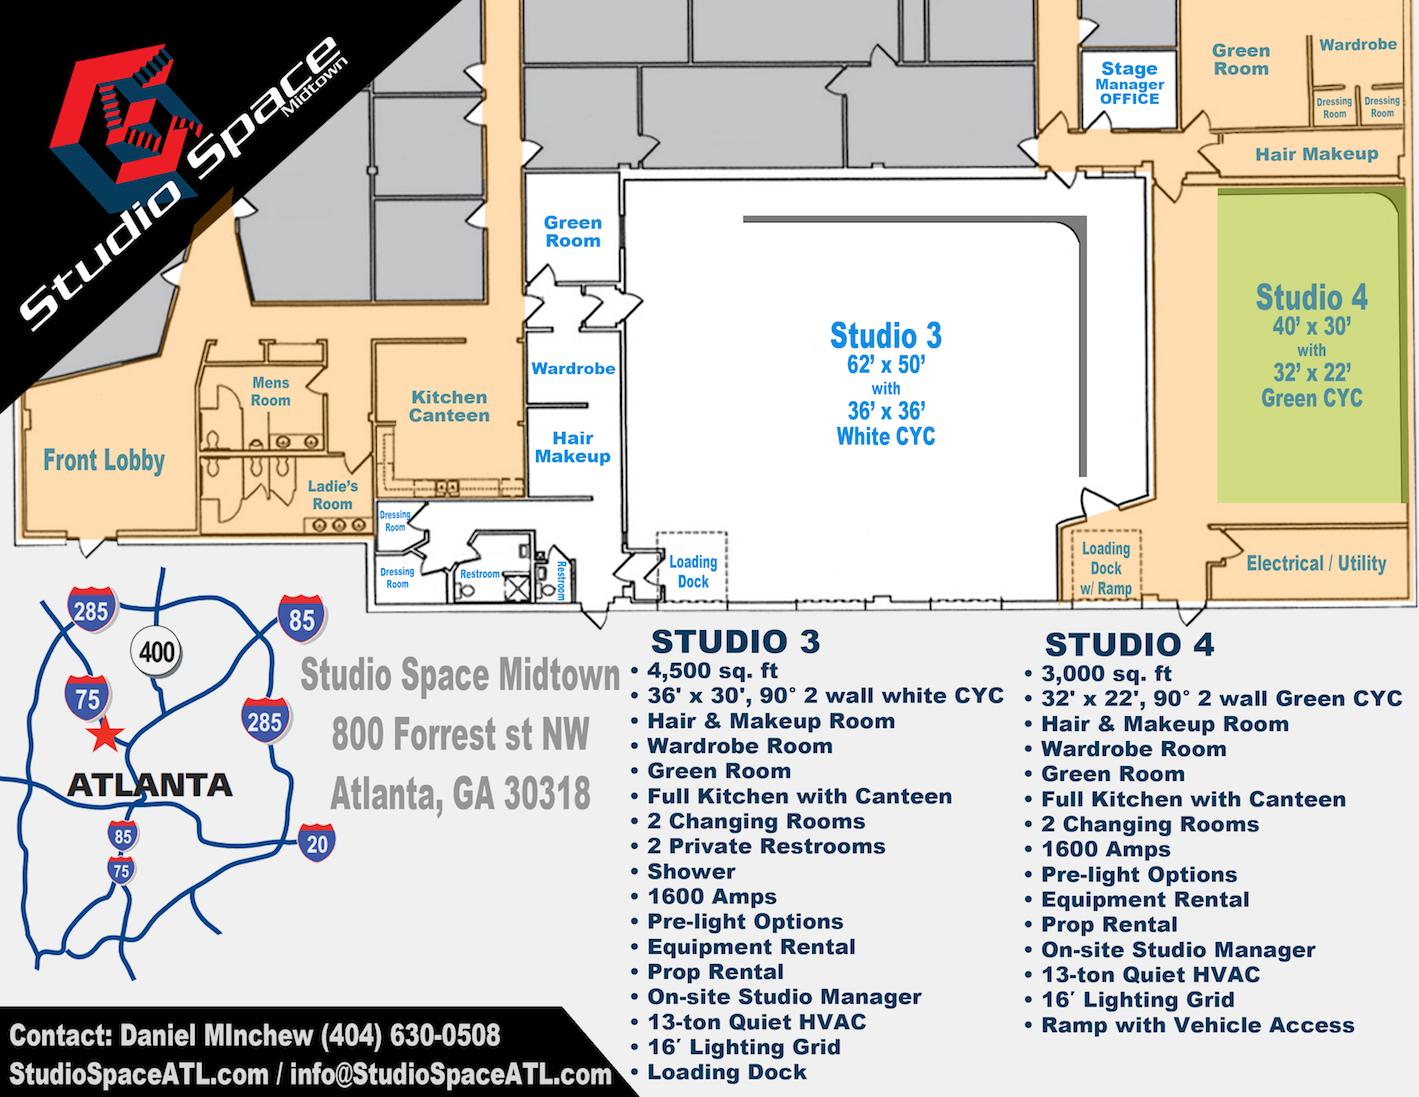 Studio Space Atlanta Midtown floor plan Studio 4